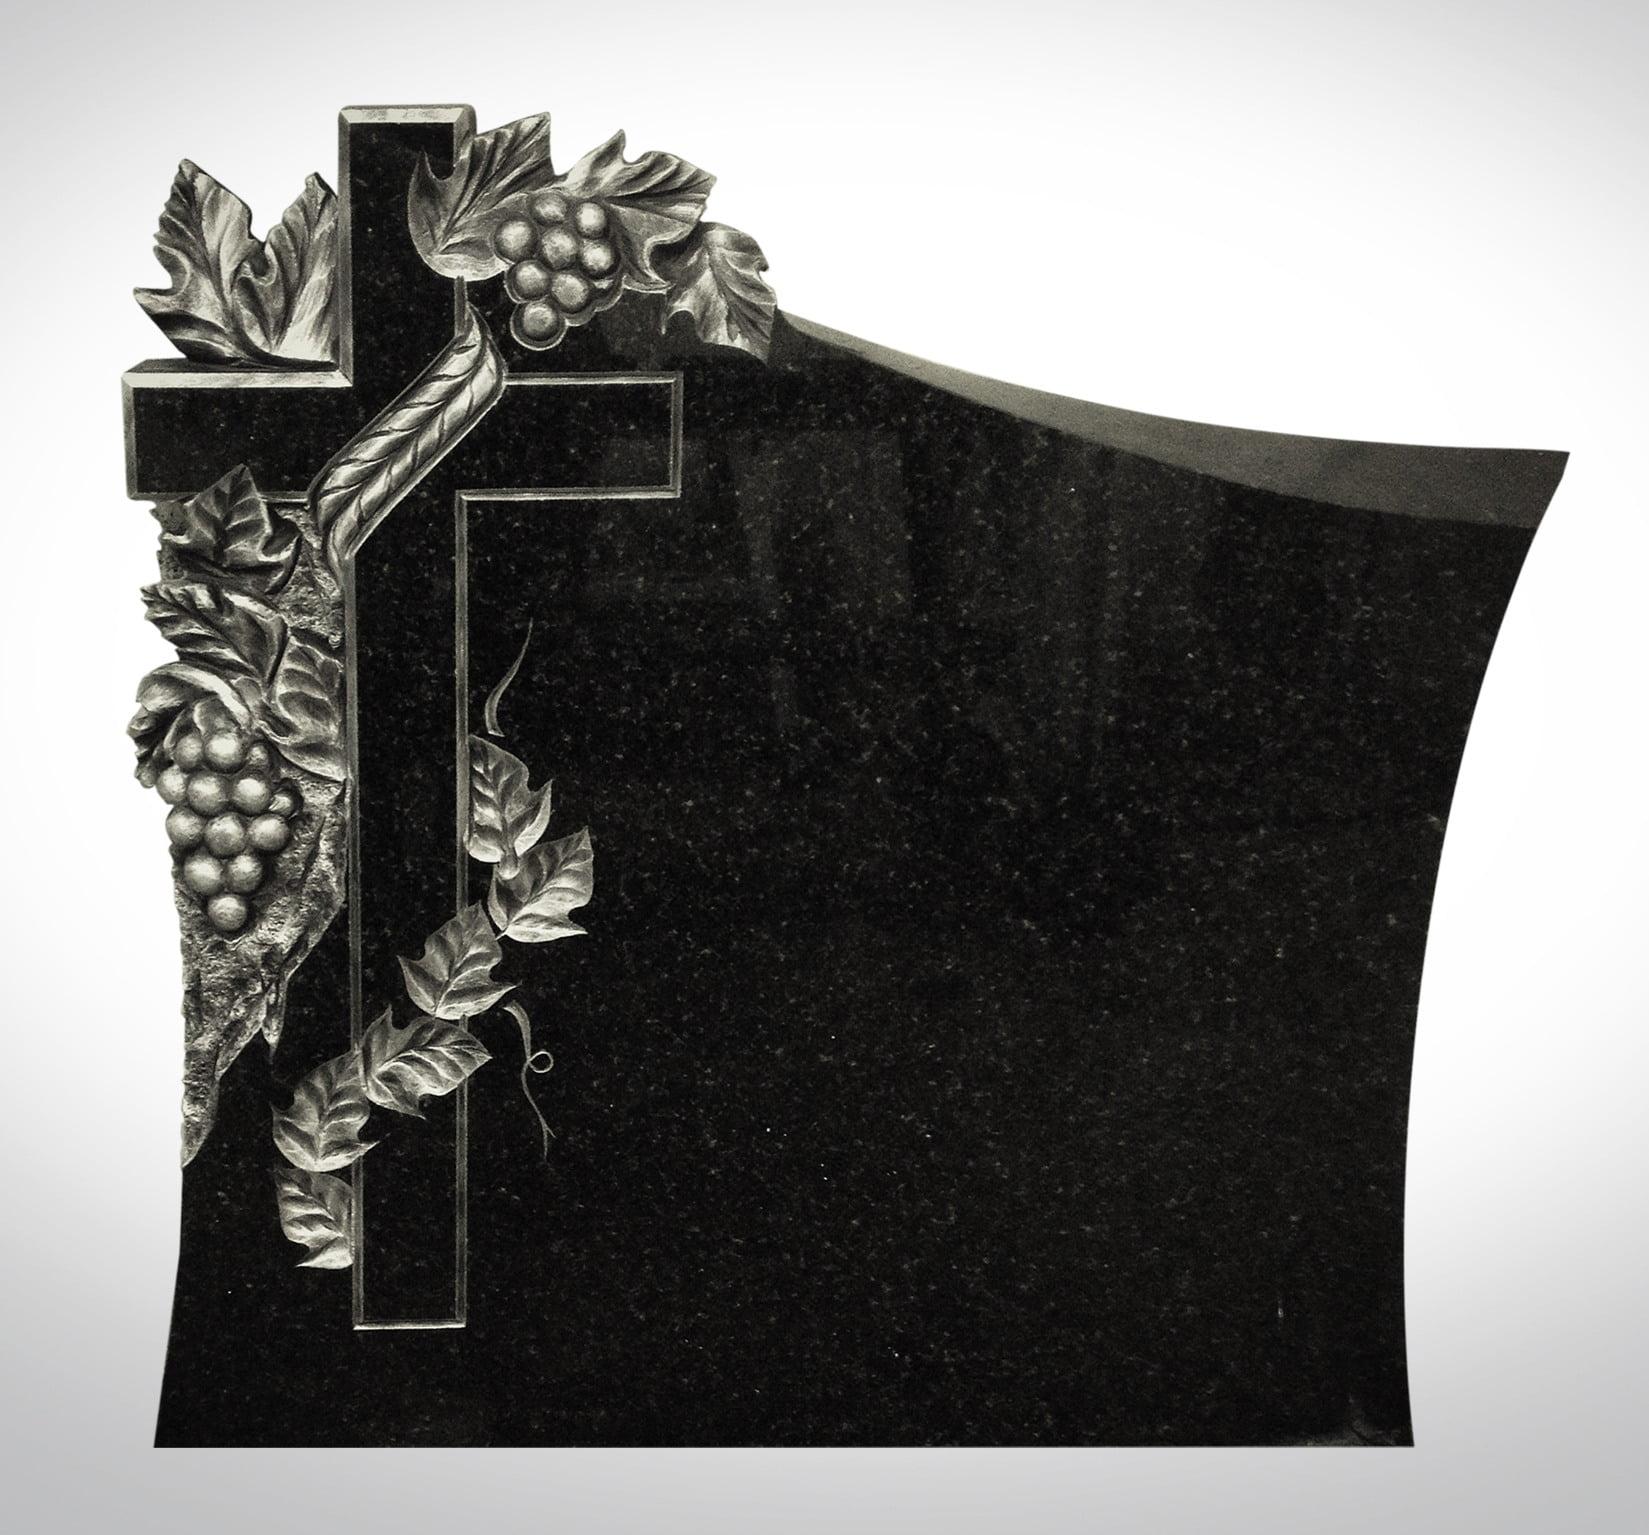 Rzeźba - czarny krzyż z winogronami - Nagrobki Bielsko-Biała